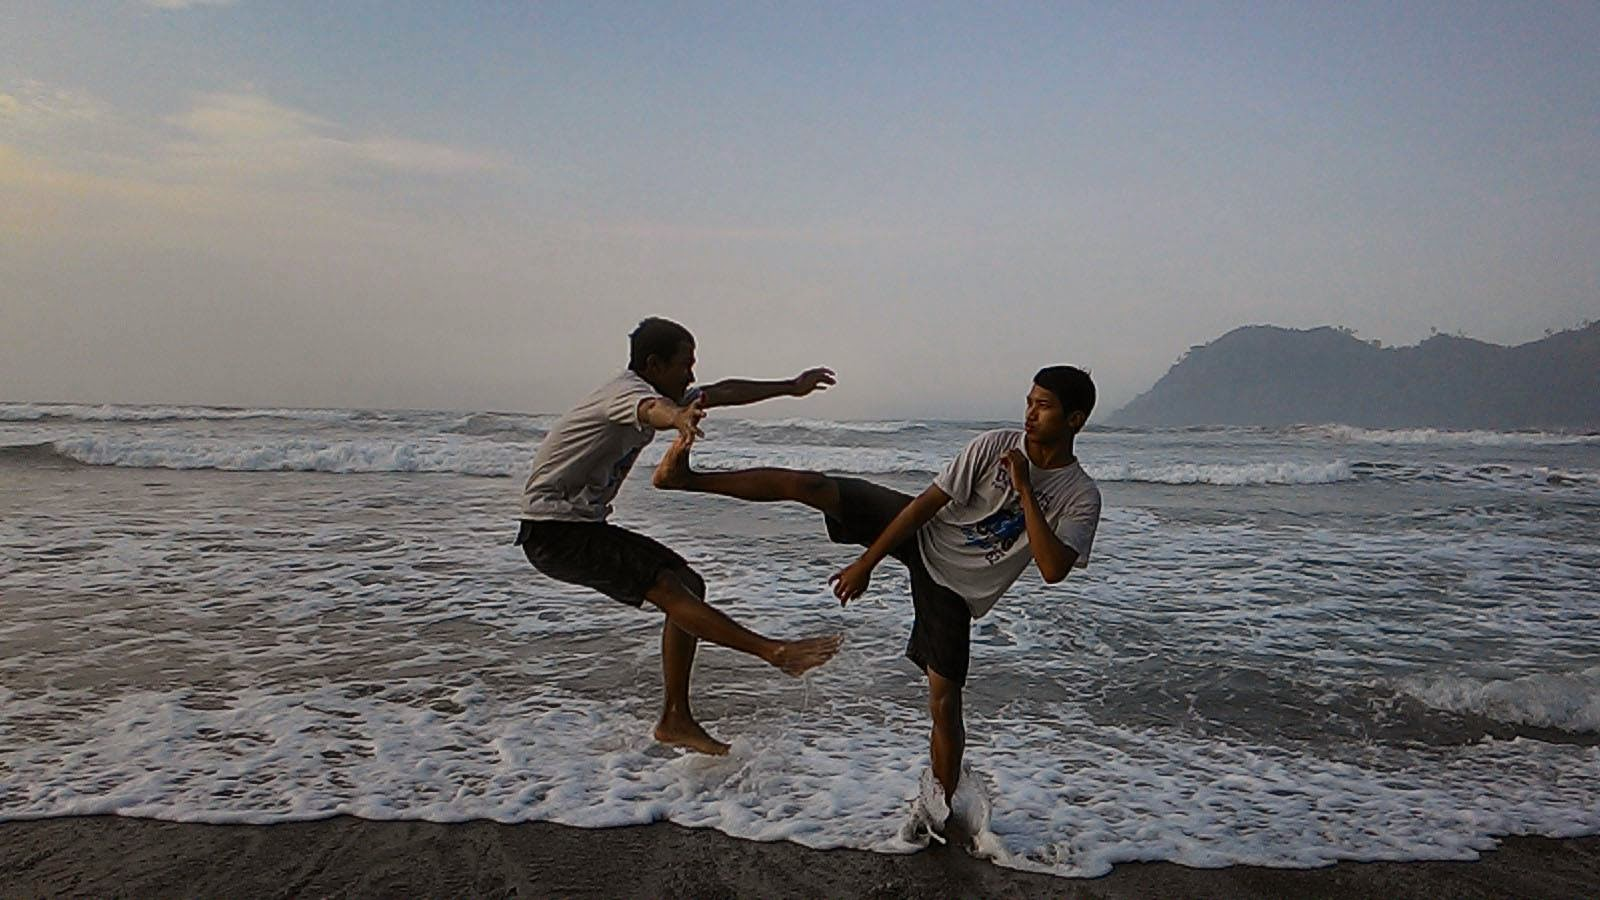 Pantai Lenggoksono Banyu Anjlok Malang Coban Kota